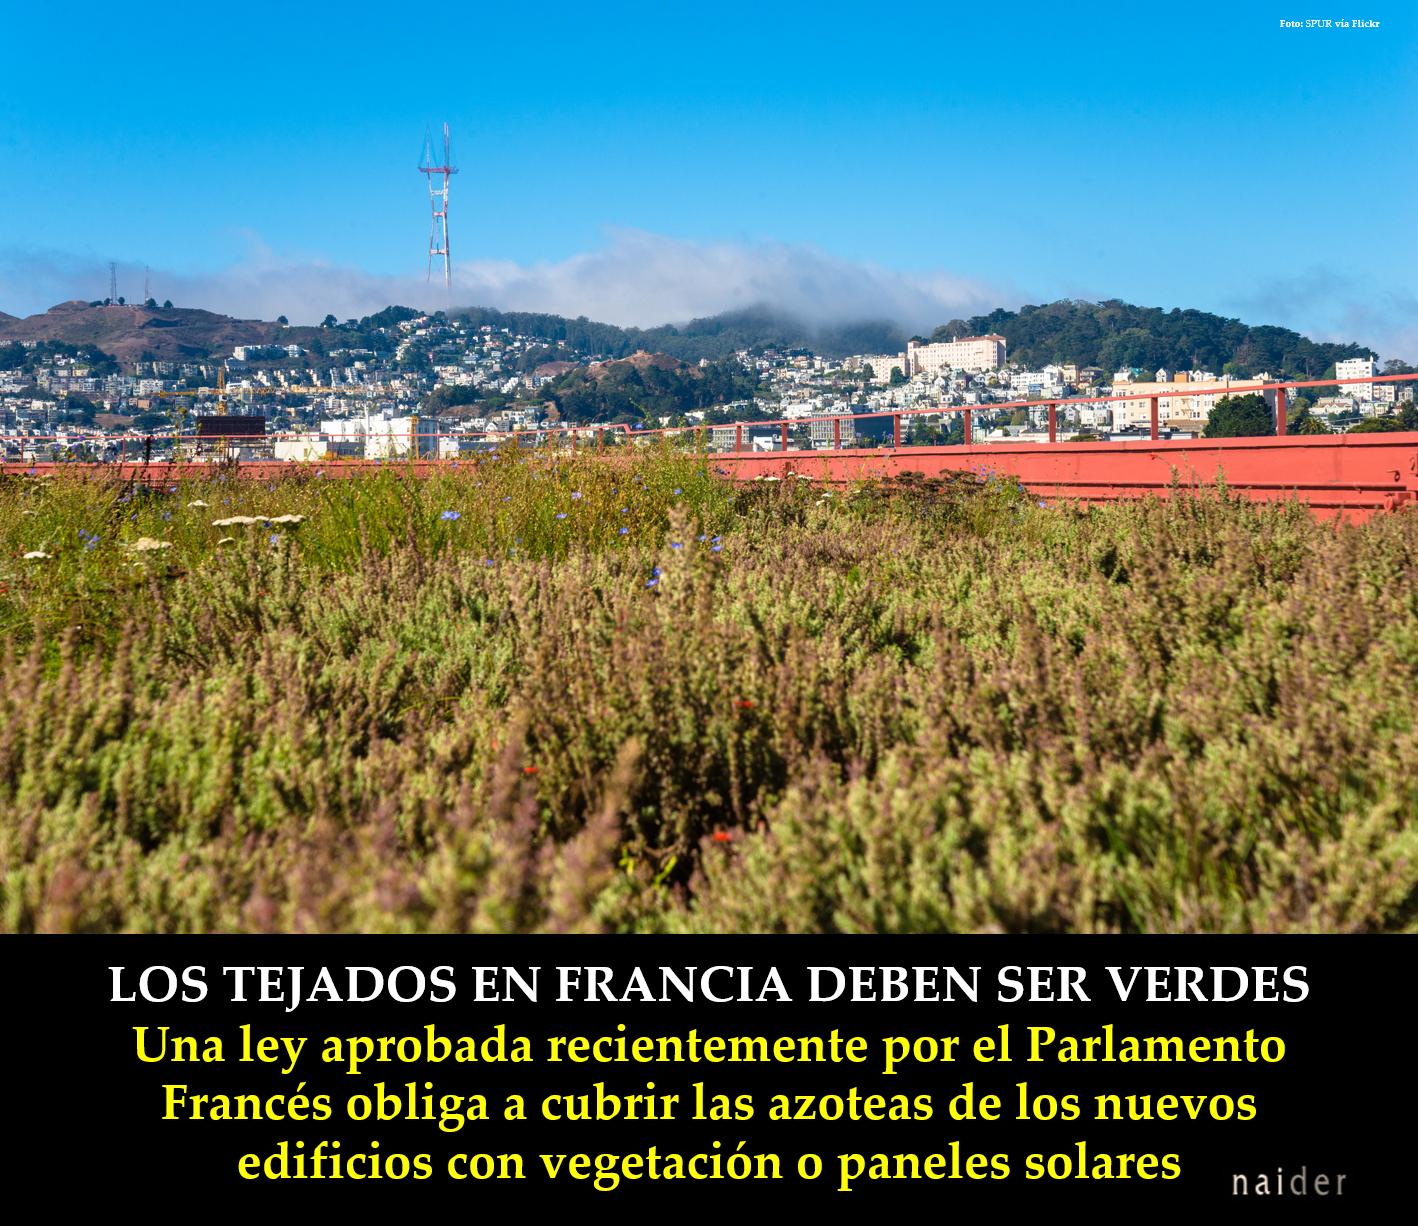 Los tejados en Francia deben ser verdes infopost1